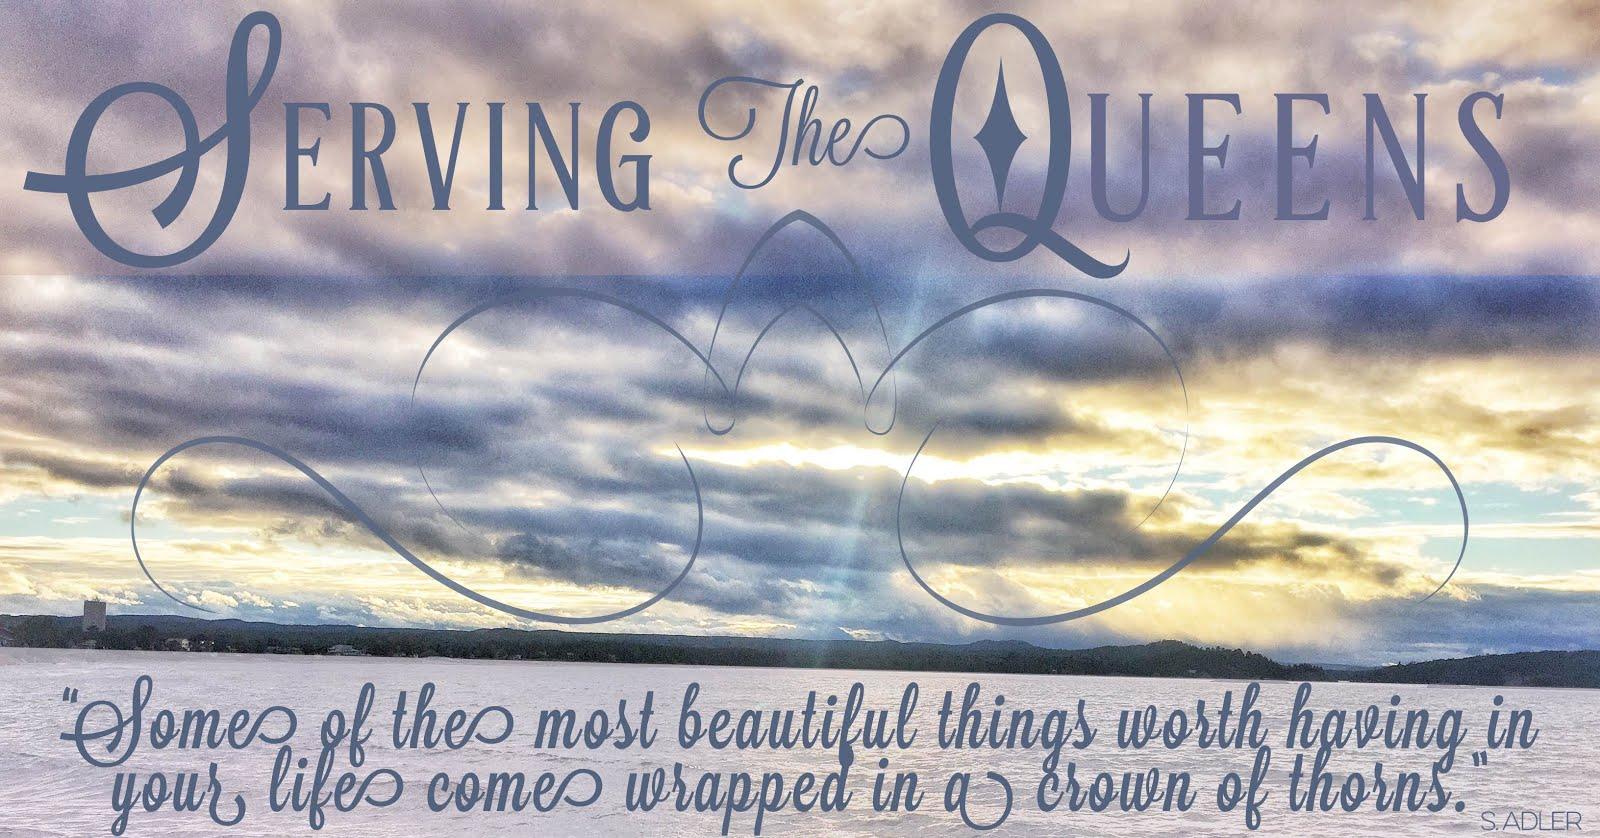 Serving the Queens